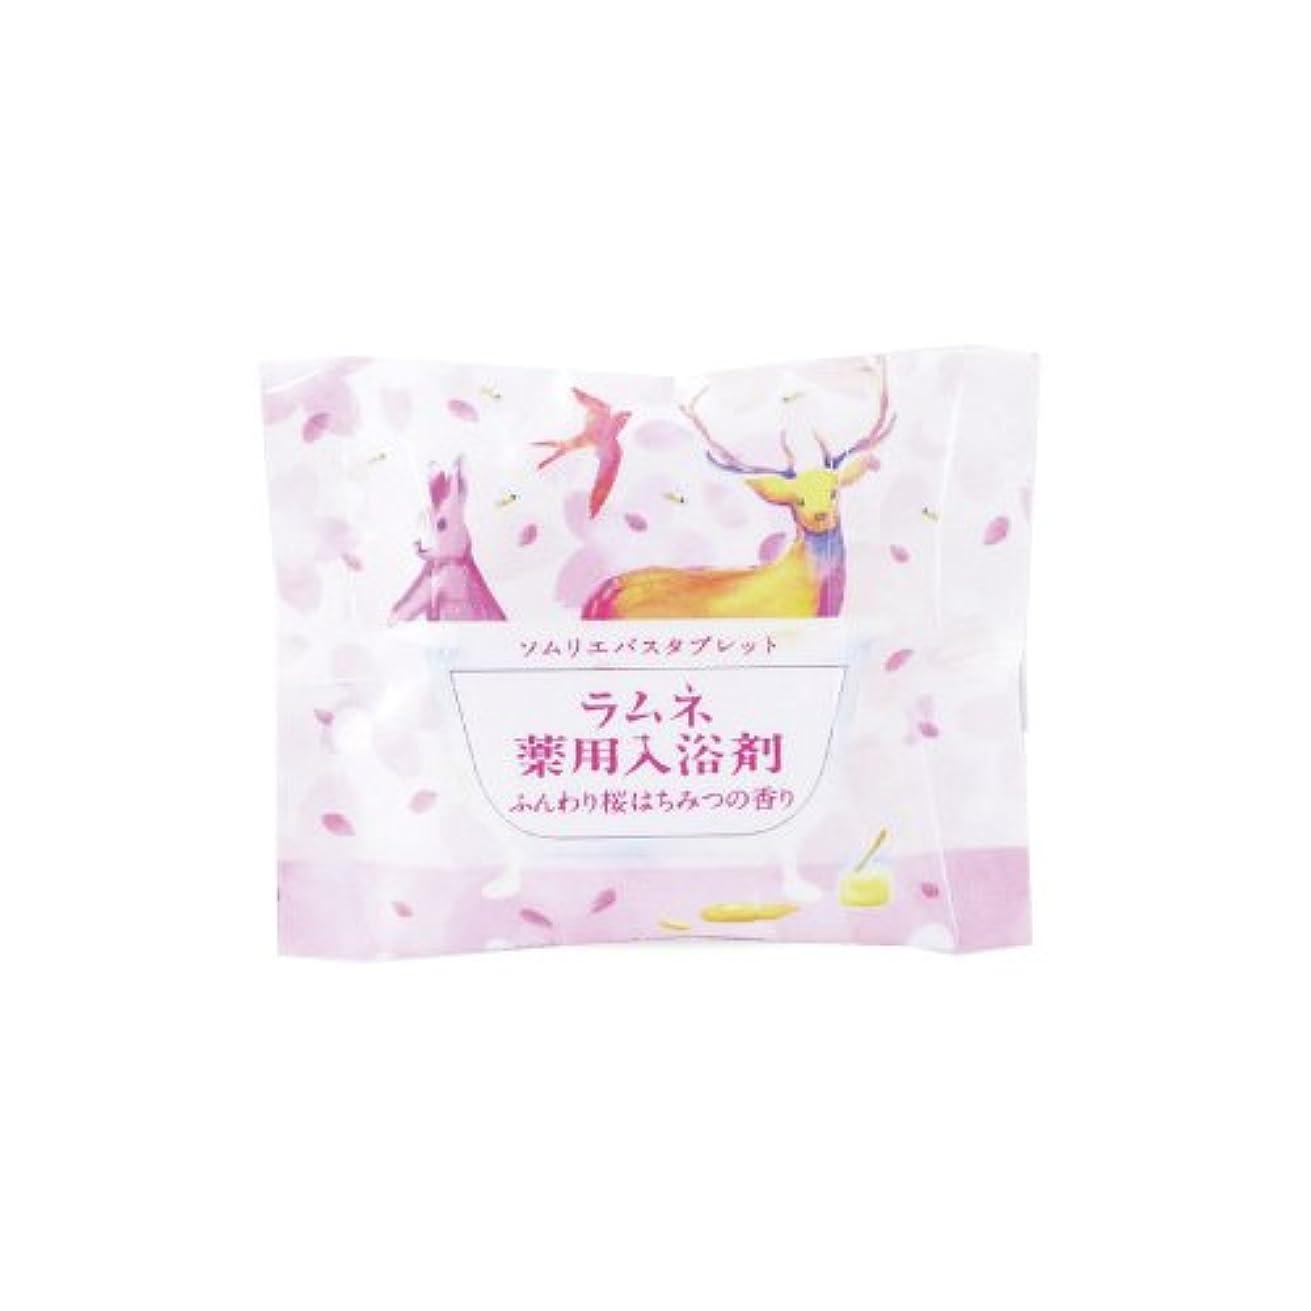 シールドシビック前者チャーリー ソムリエバスタブレット ふんわり桜はちみつの香り